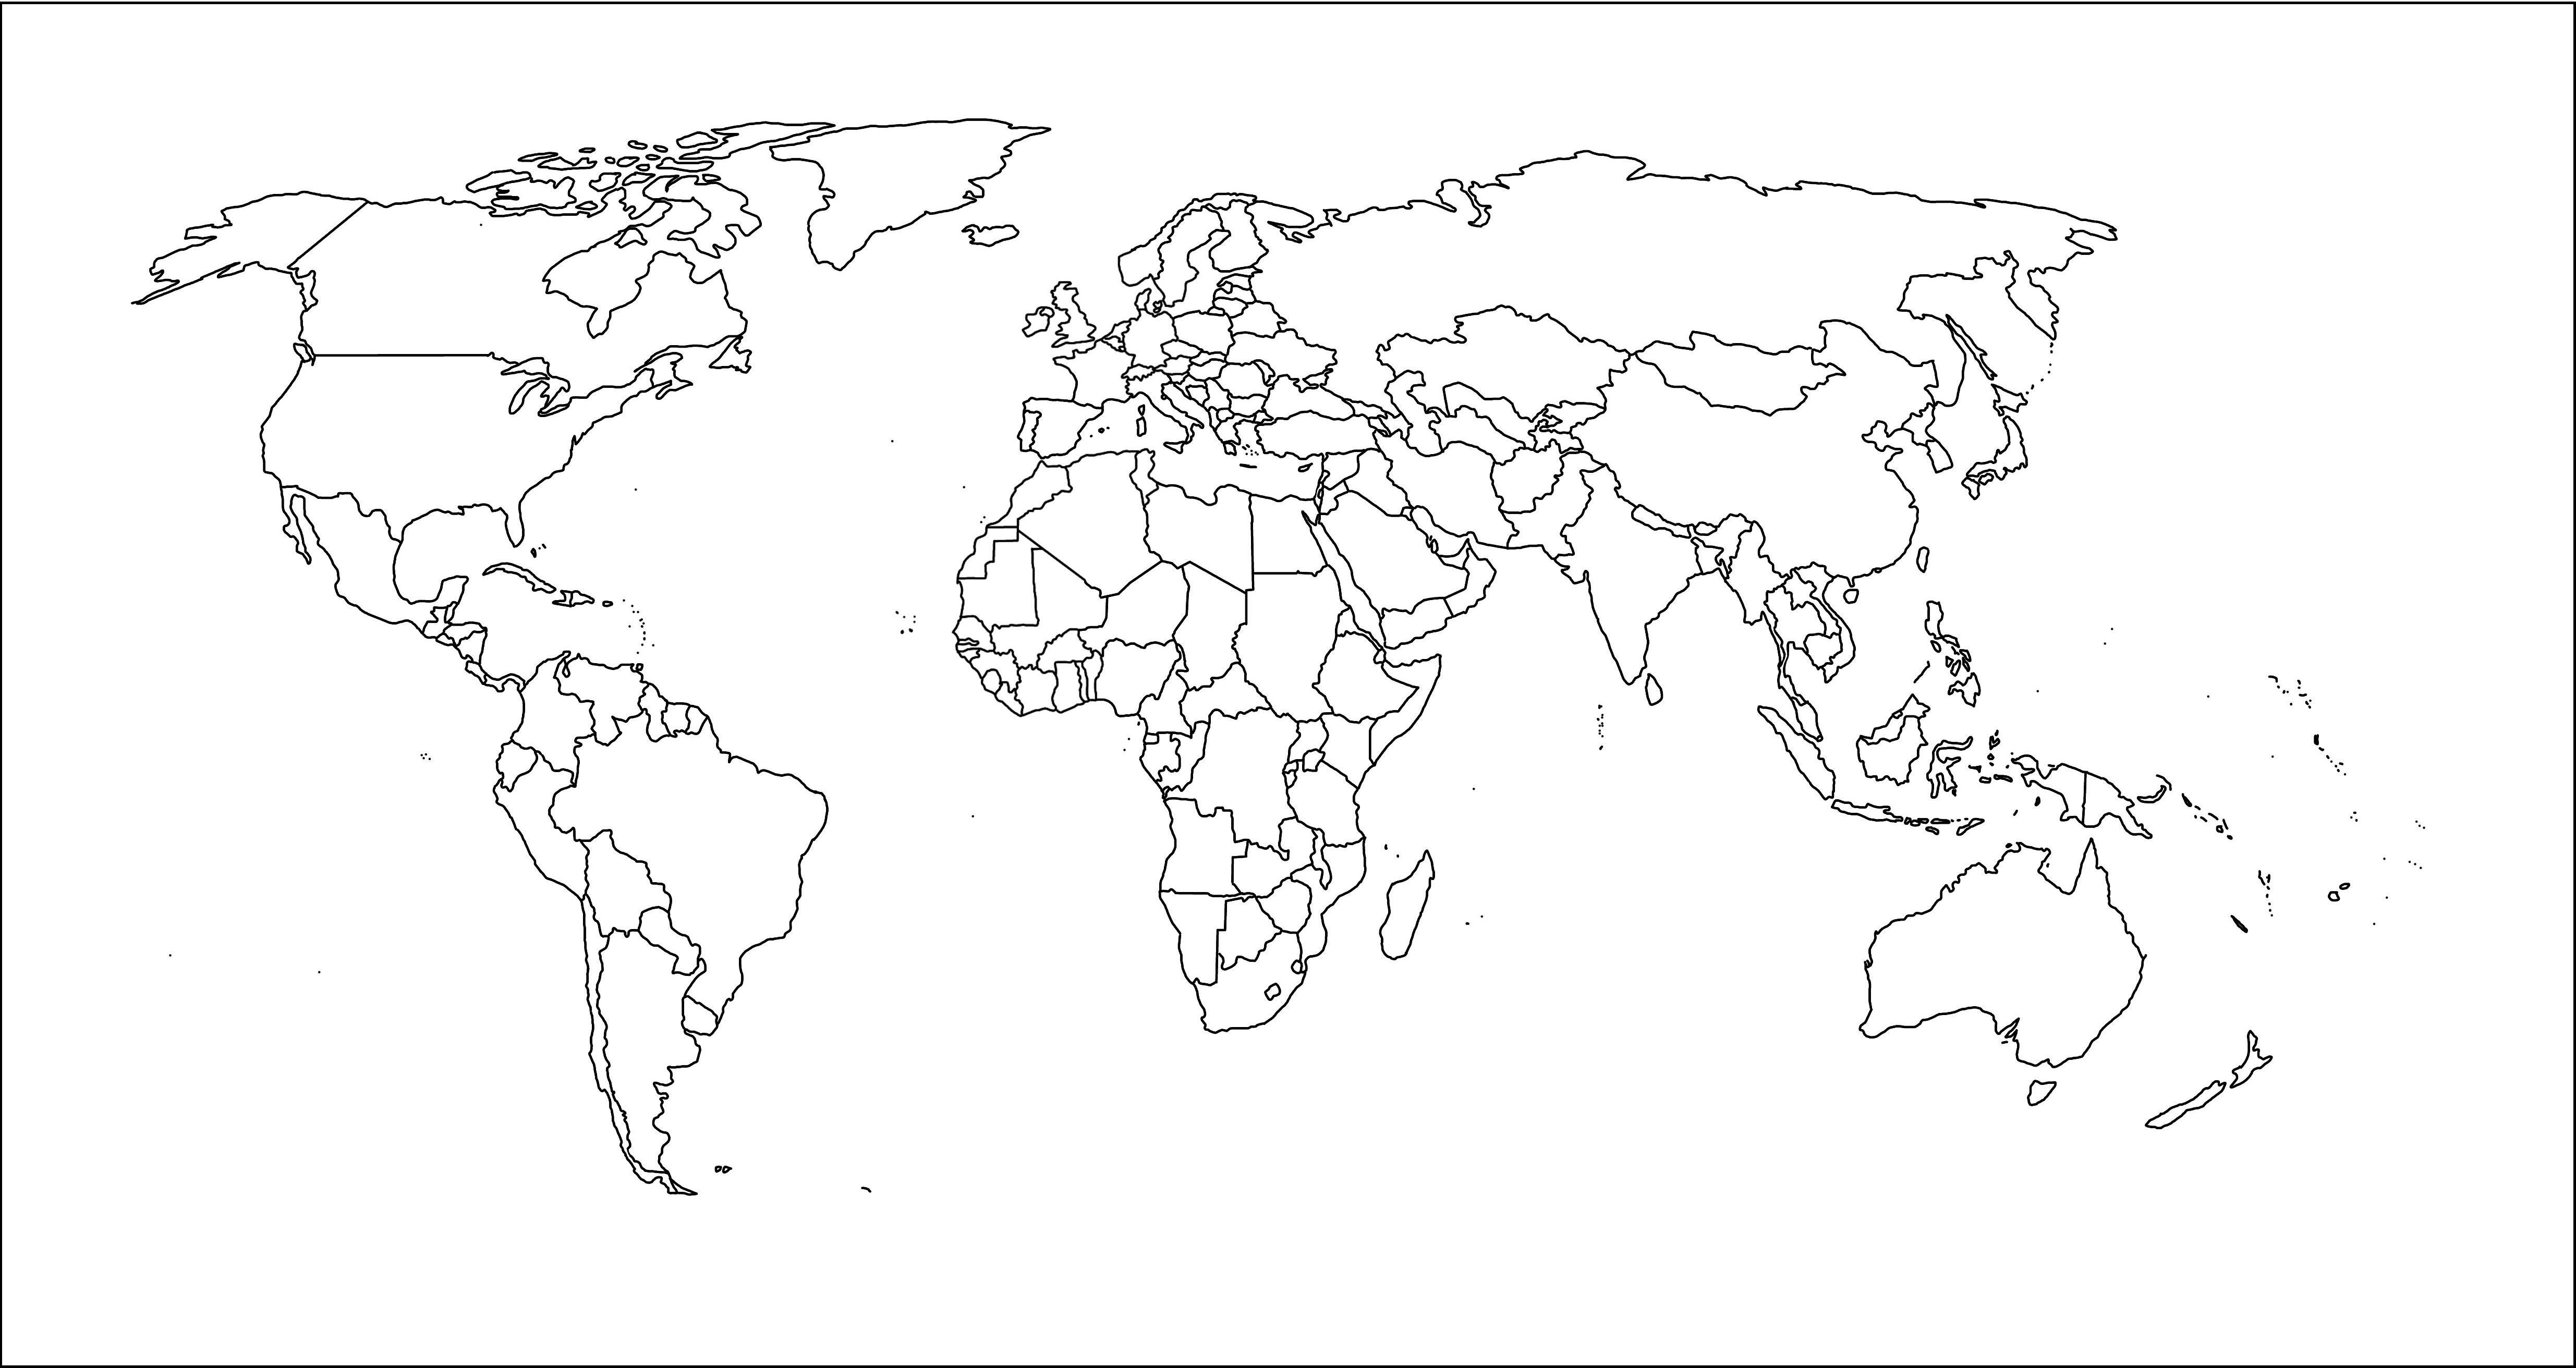 Niños De Paises Para Pintar: Mapa Planisferio Politico Para Pintar